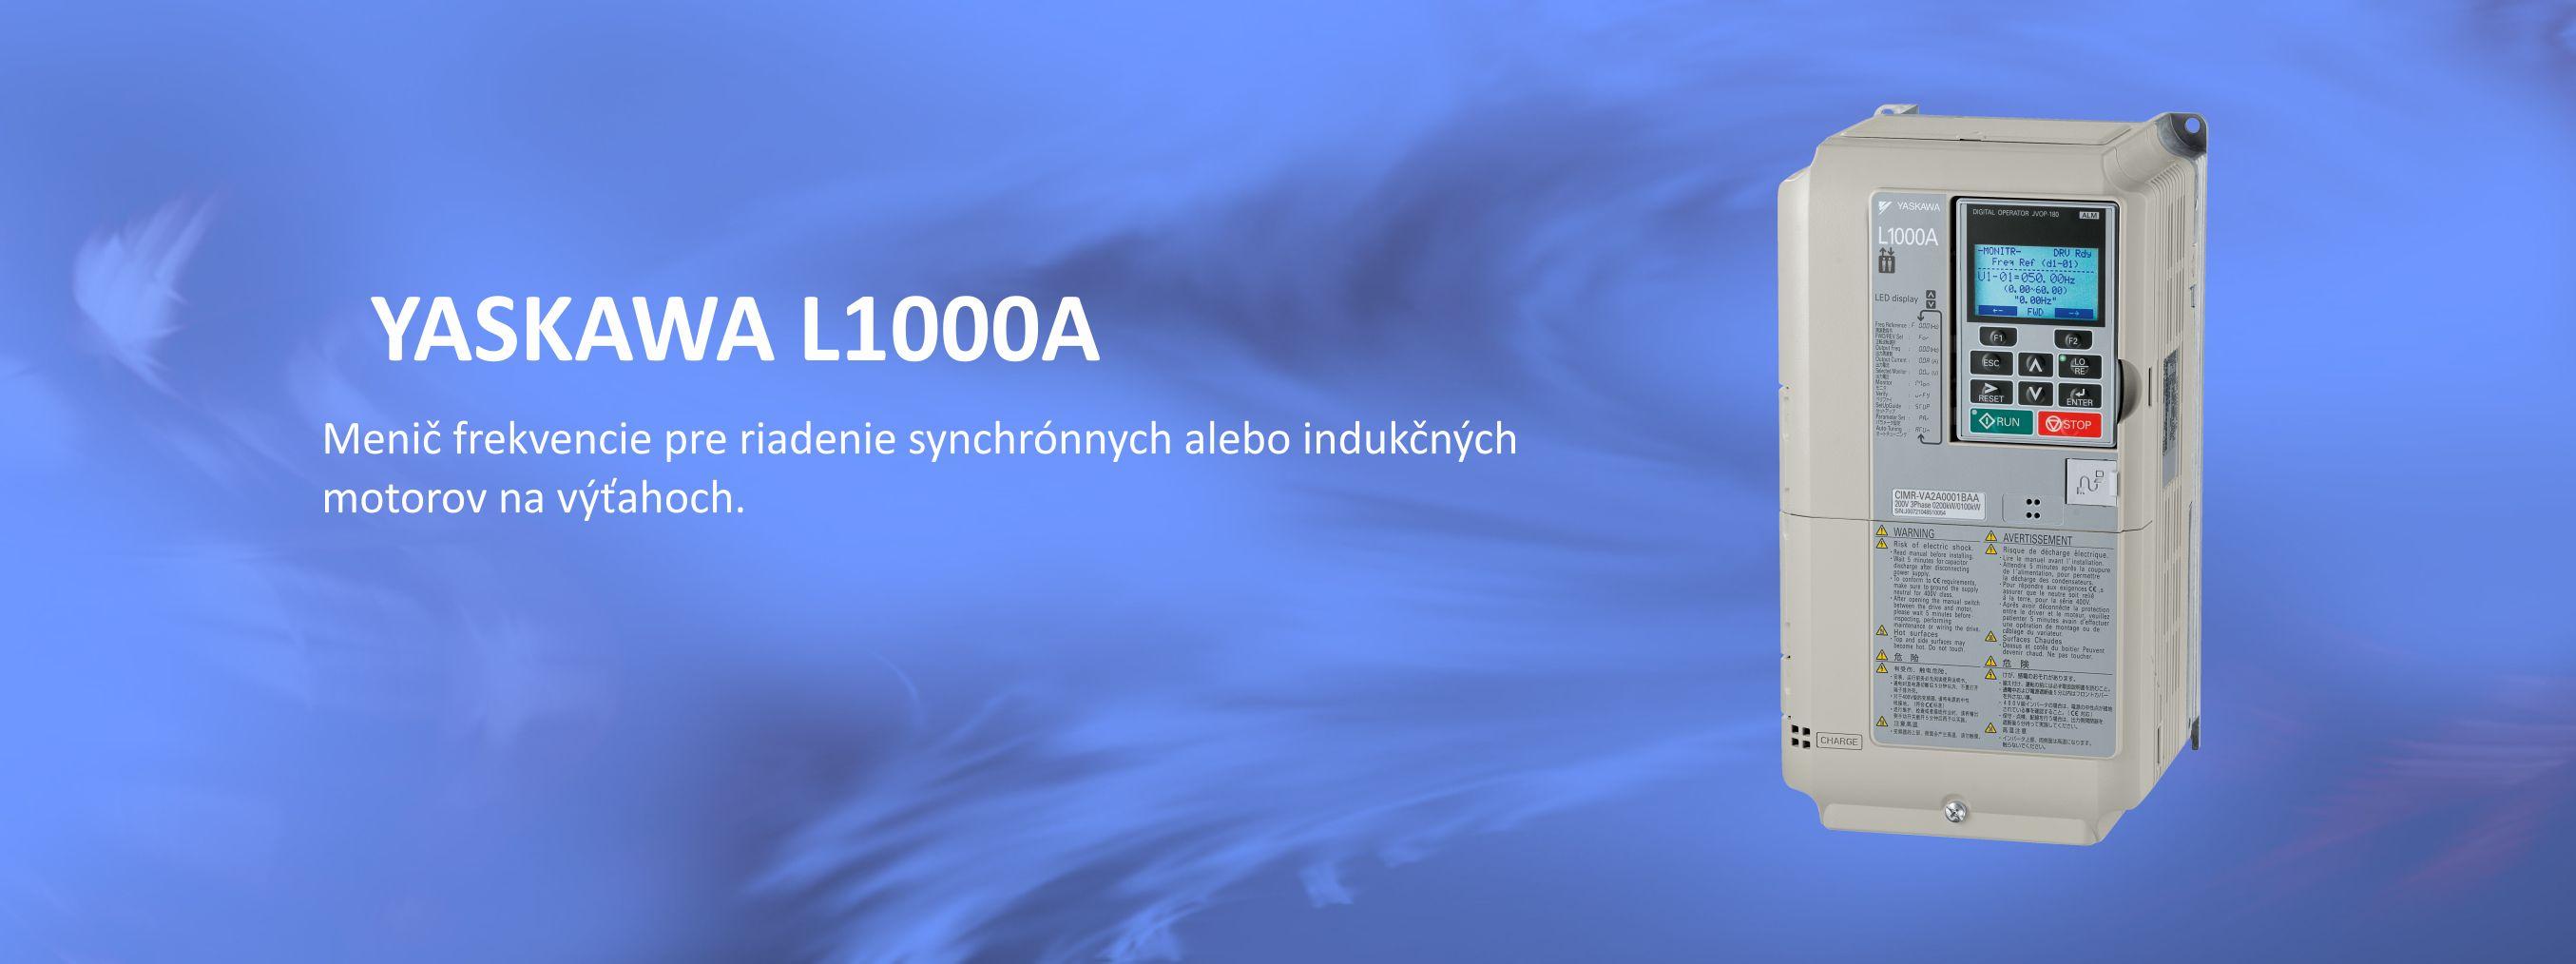 images/Slideshow/06_Slide_EPO_SK.jpg